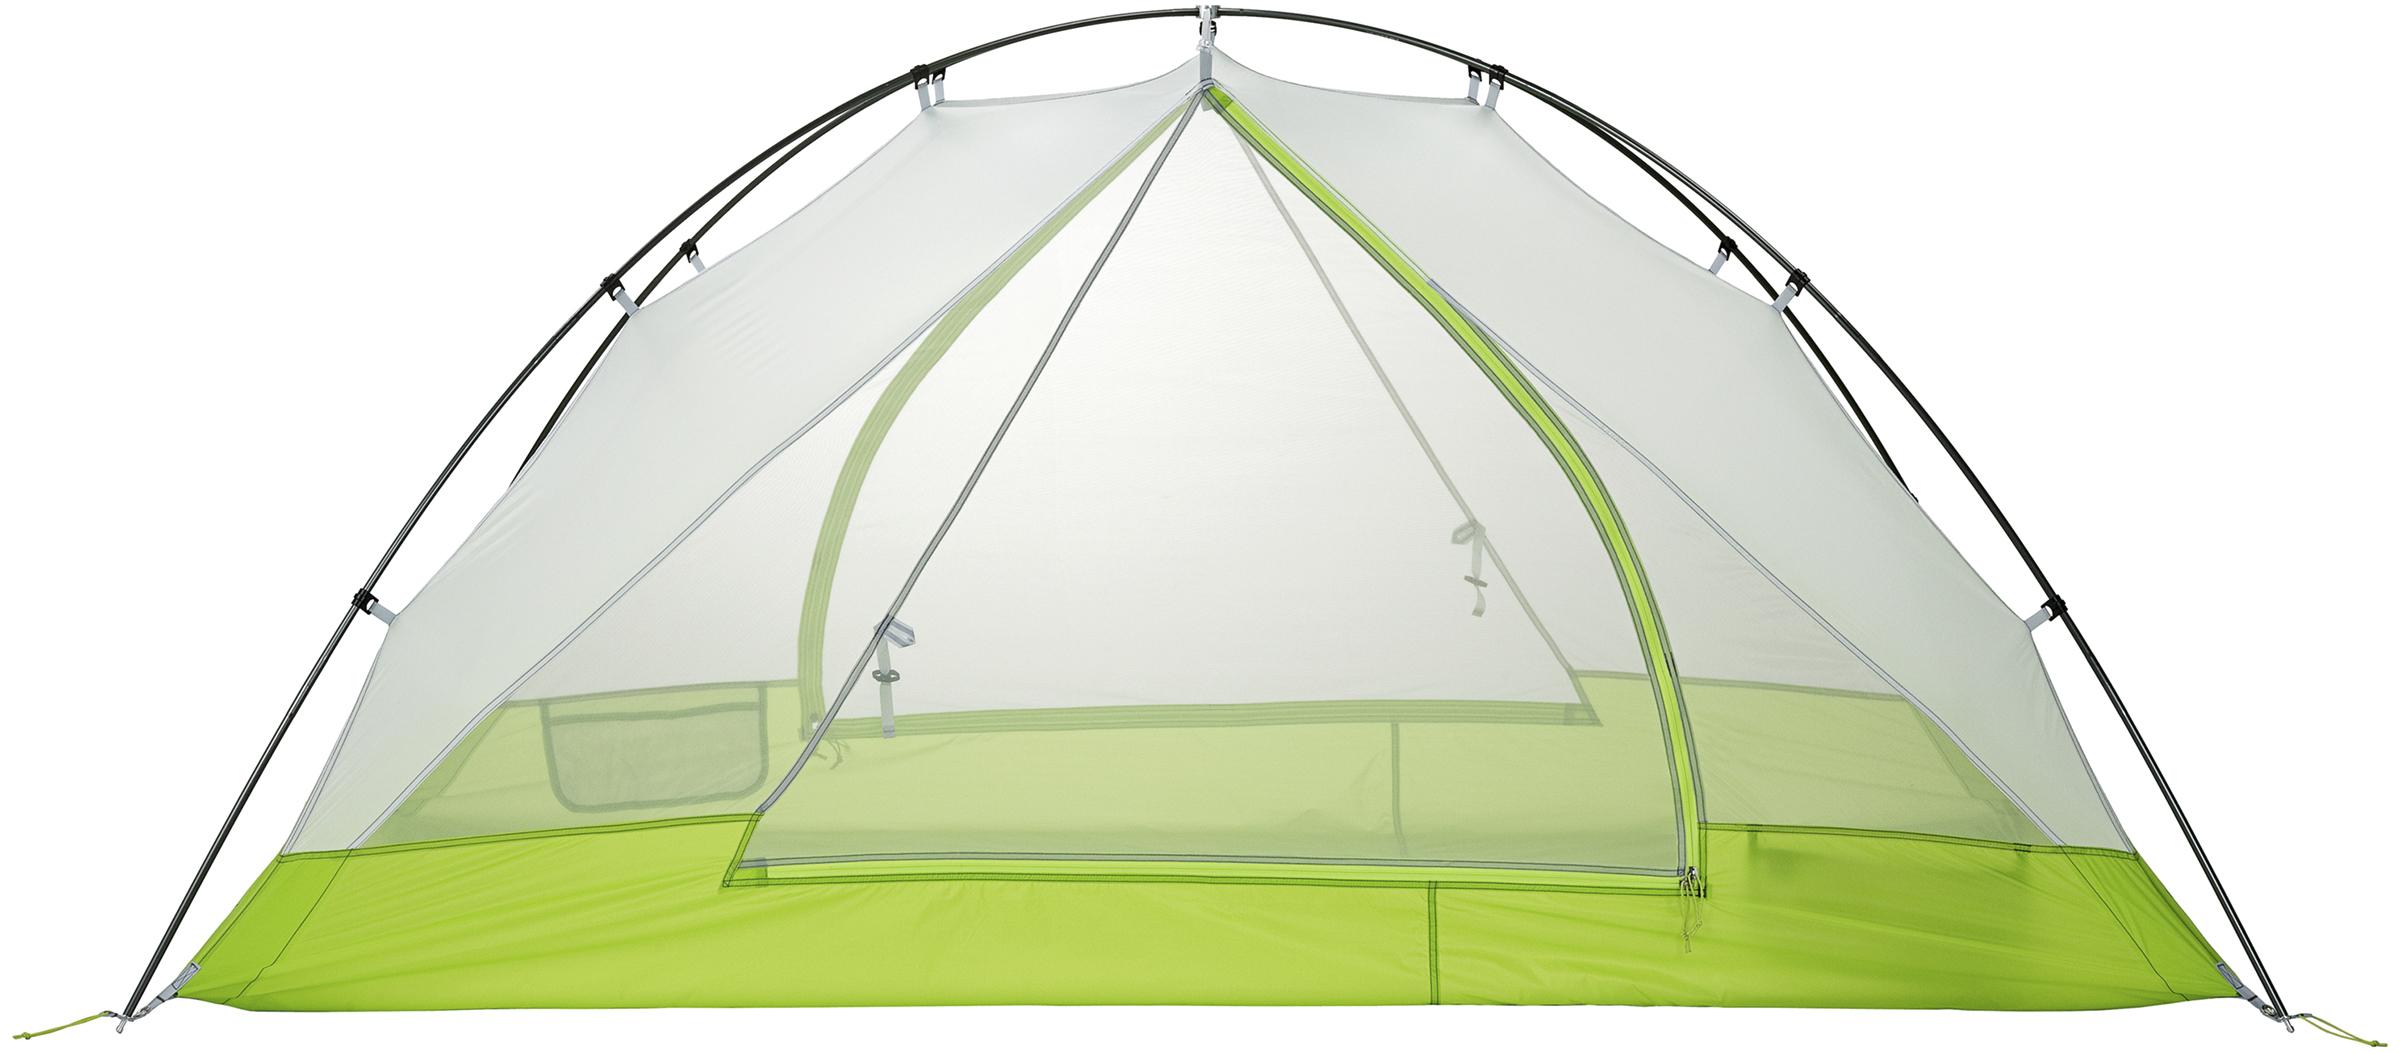 Piquets de tente en acier inoxydable 18 cm x 0.8 cm